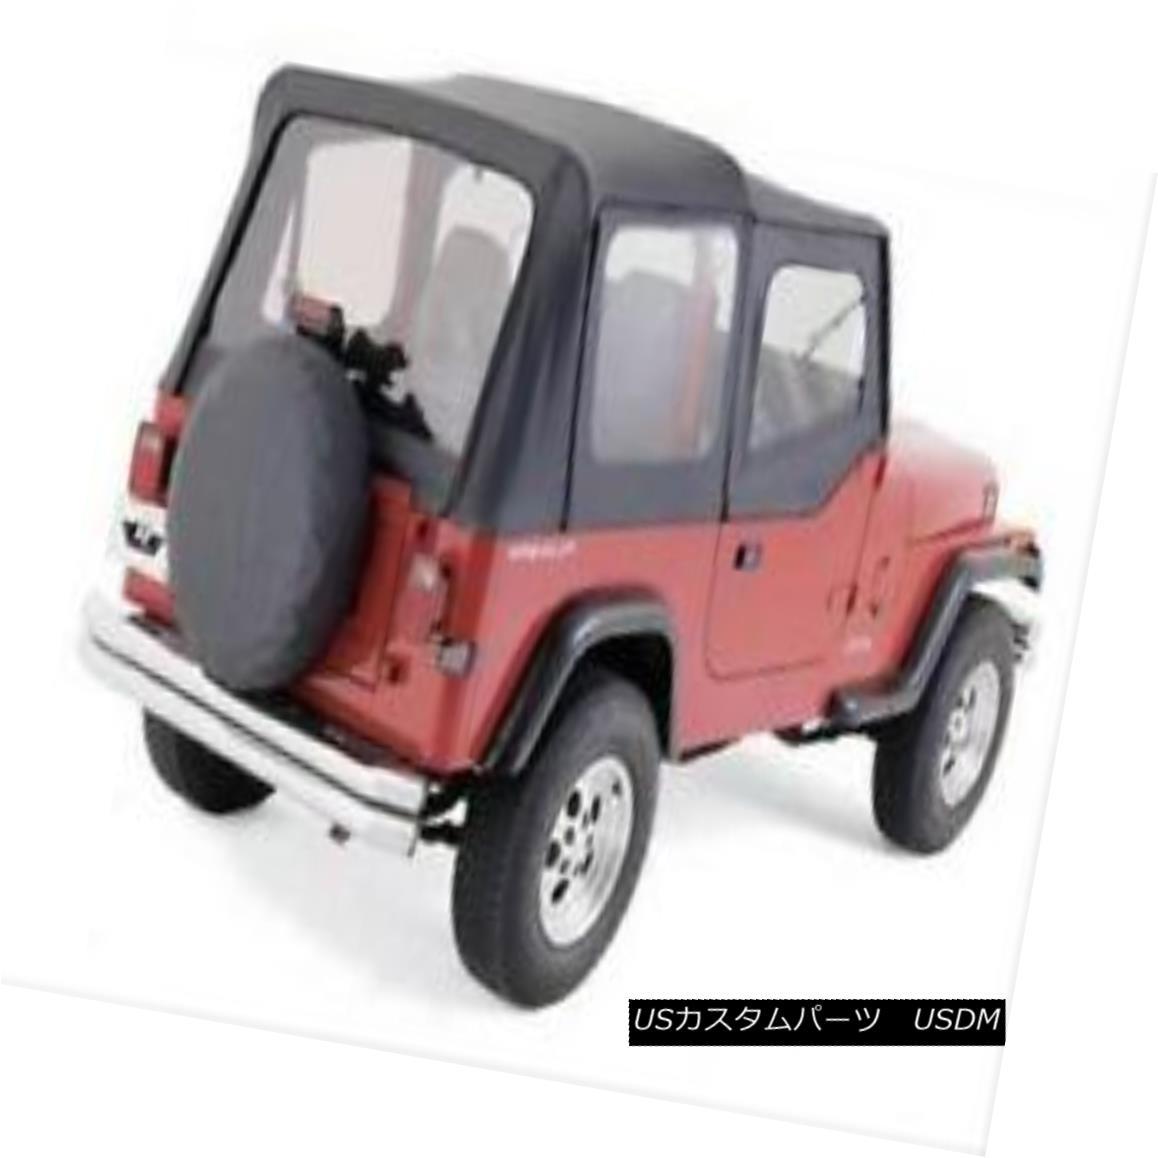 幌・ソフトトップ Rampage 99615 Replacement Denim Black Soft Top 88-95 Jeep Wrangler NO DOORS ランペイジ99615交換用デニムブラックソフトトップ88-95ジープラングラーNO DOORS